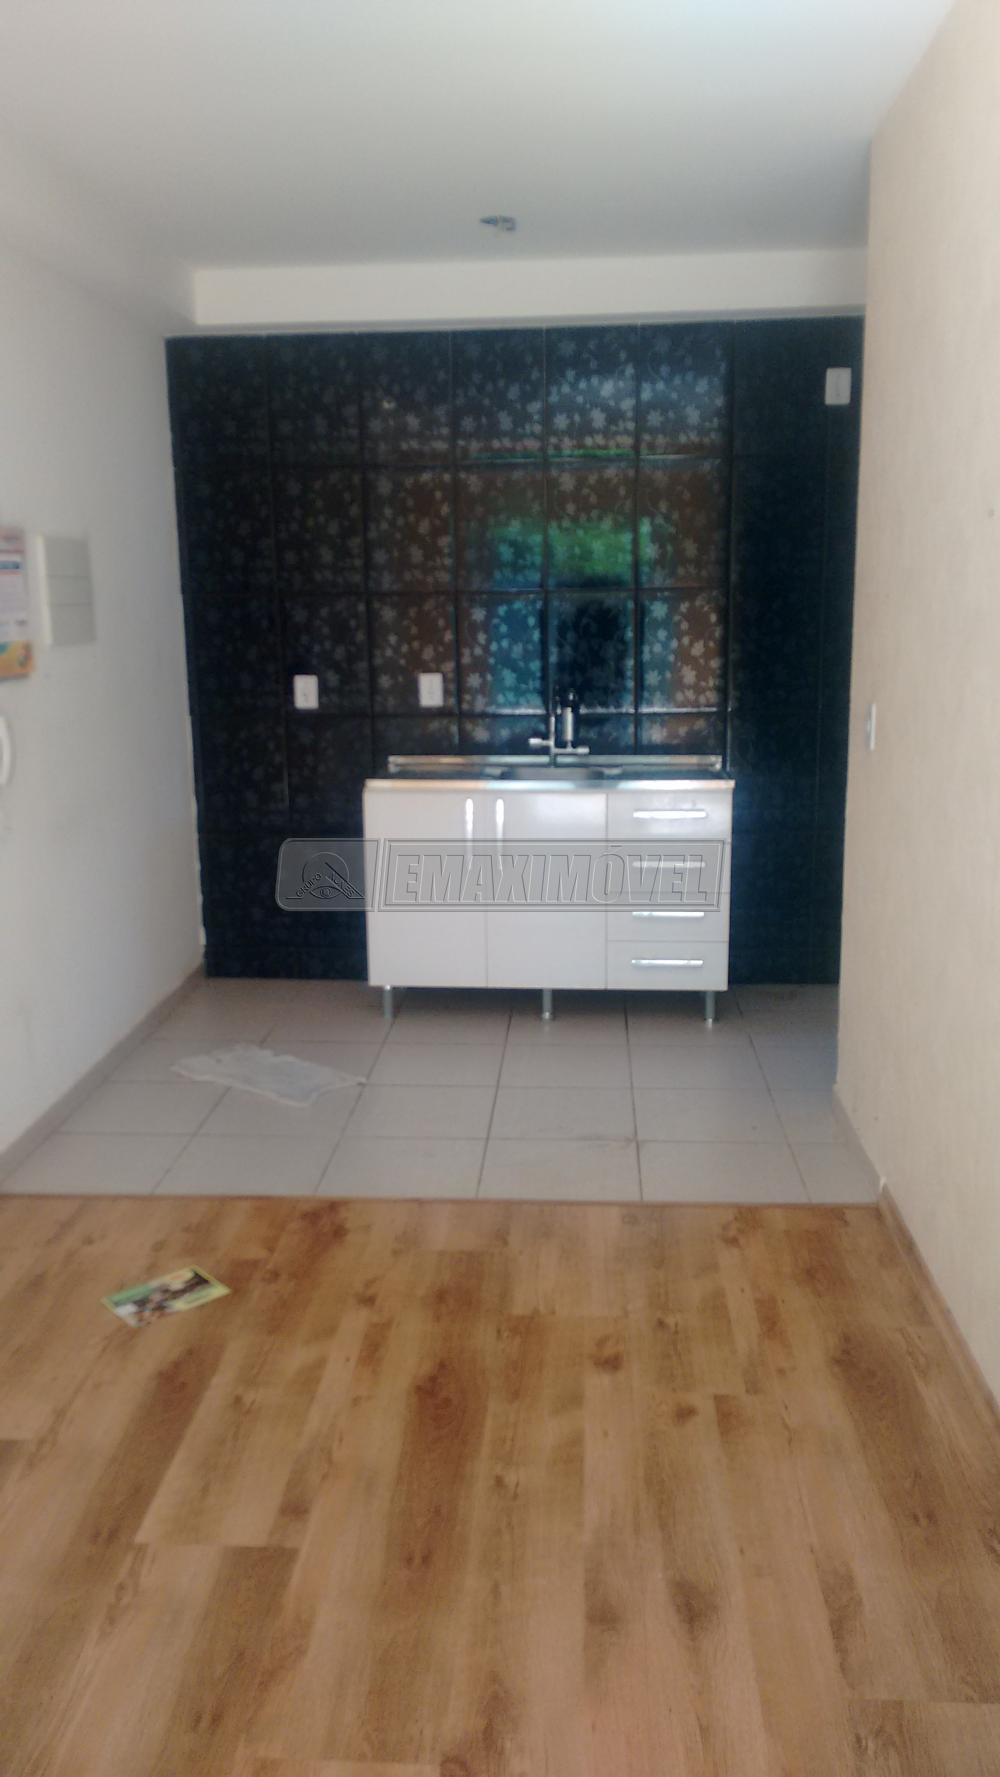 Comprar Apartamentos / Apto Padrão em Sorocaba apenas R$ 185.000,00 - Foto 6